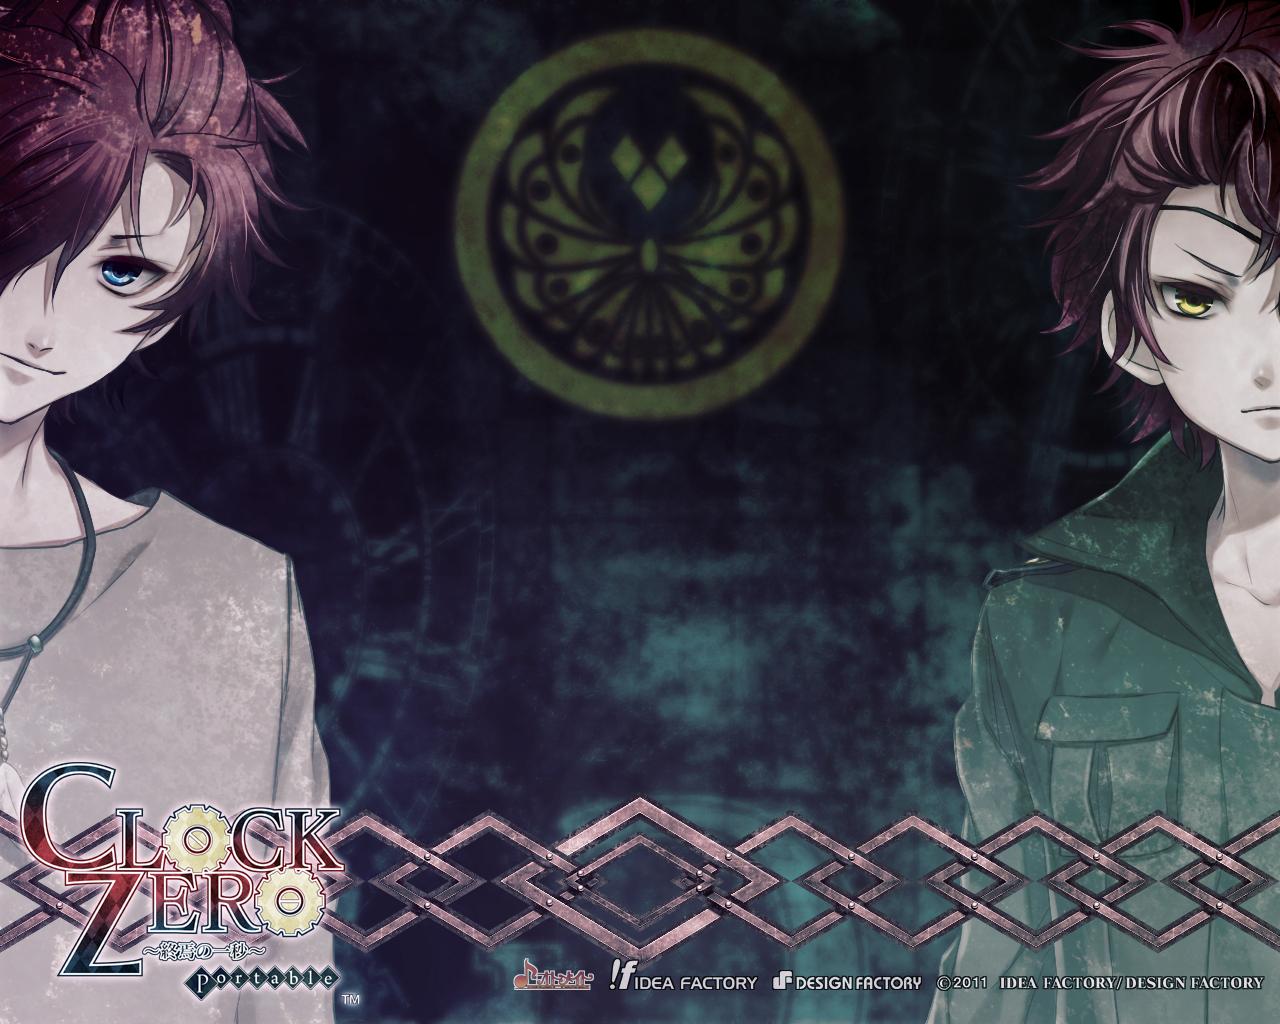 http://blog.otomate.jp/staffblog/00007663.jpg